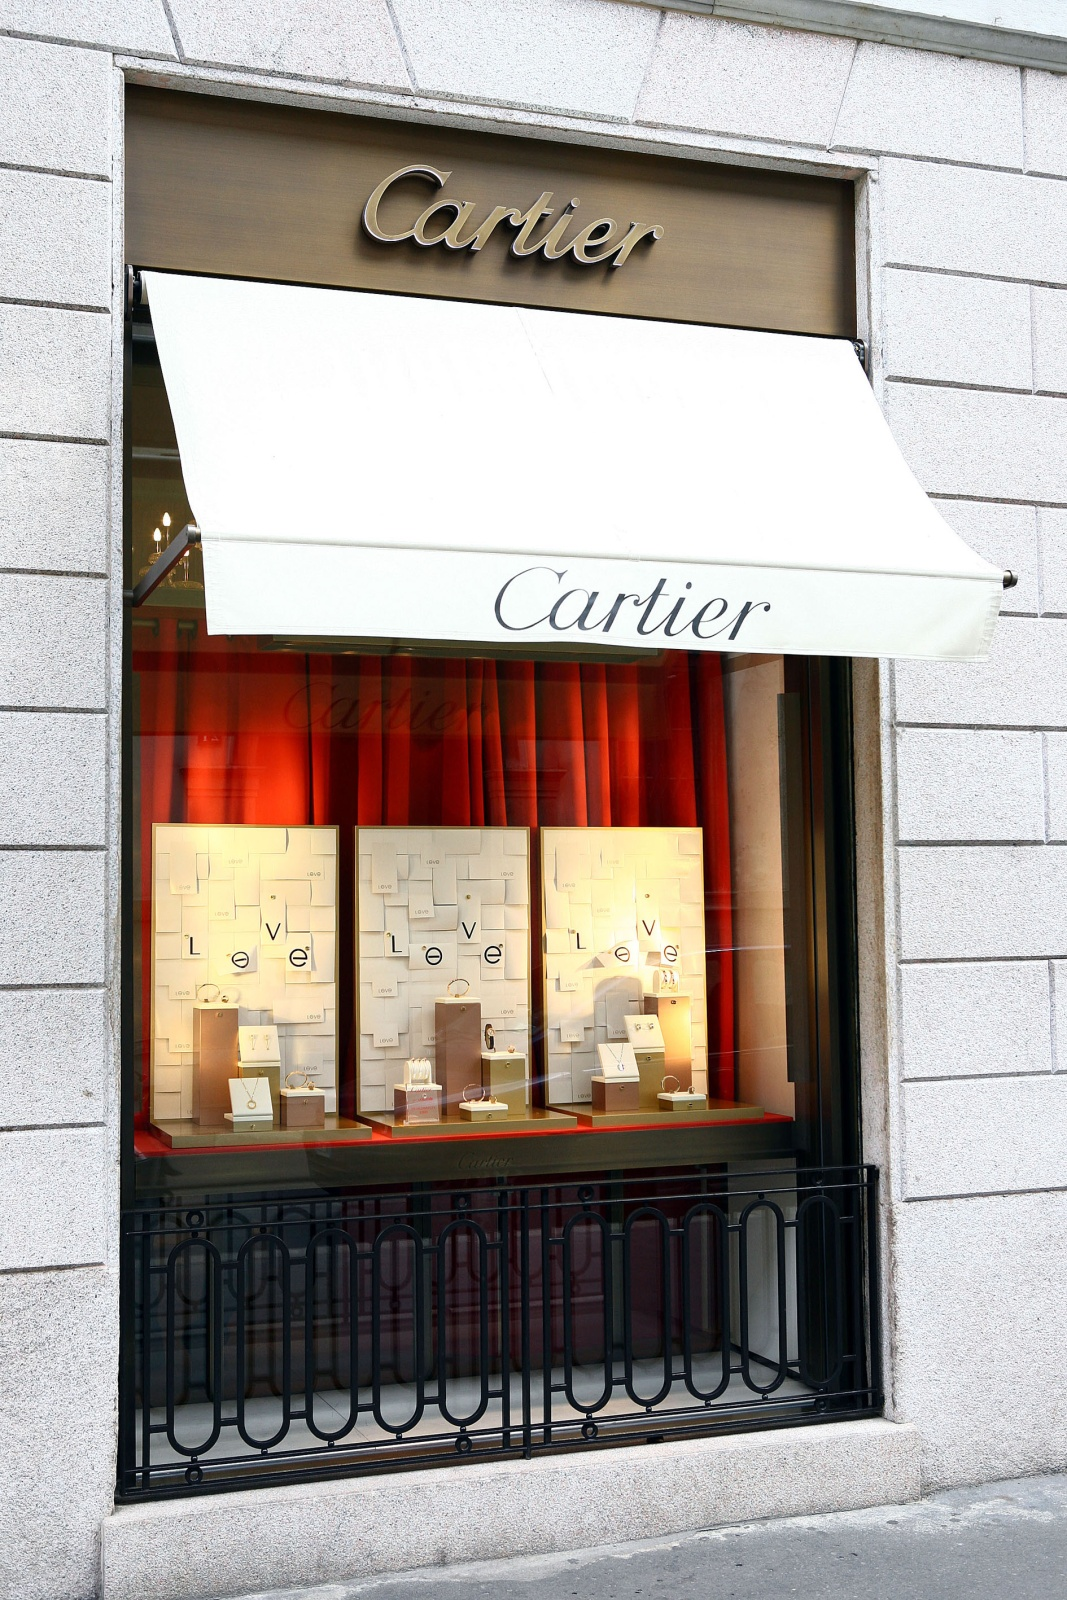 LoveDay per Cartier